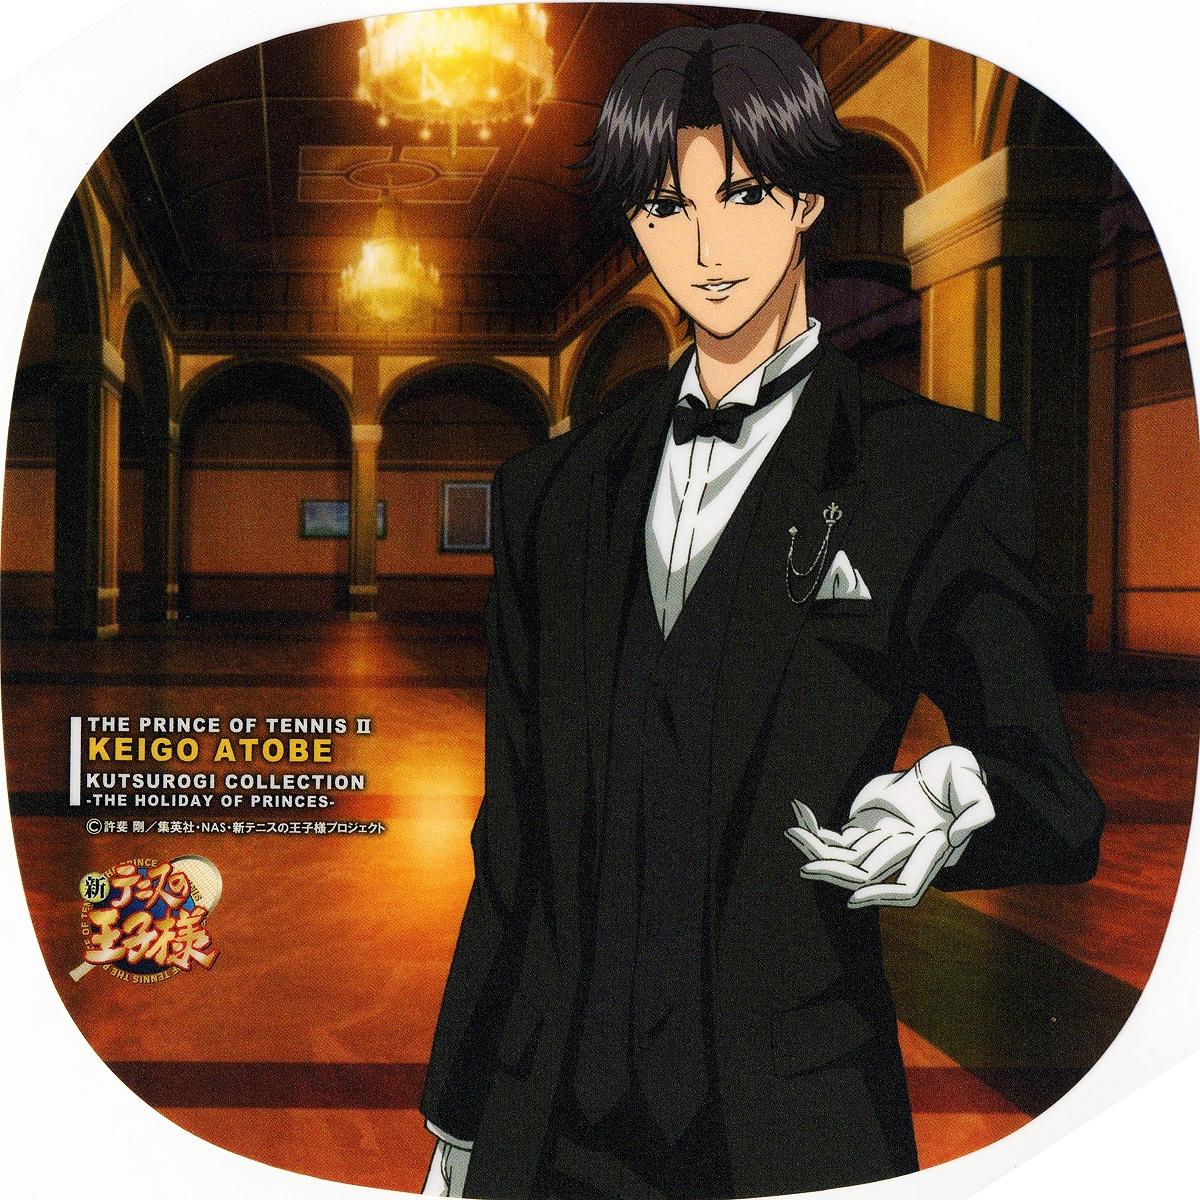 Prince Of Tennis (Keigo Atobe)